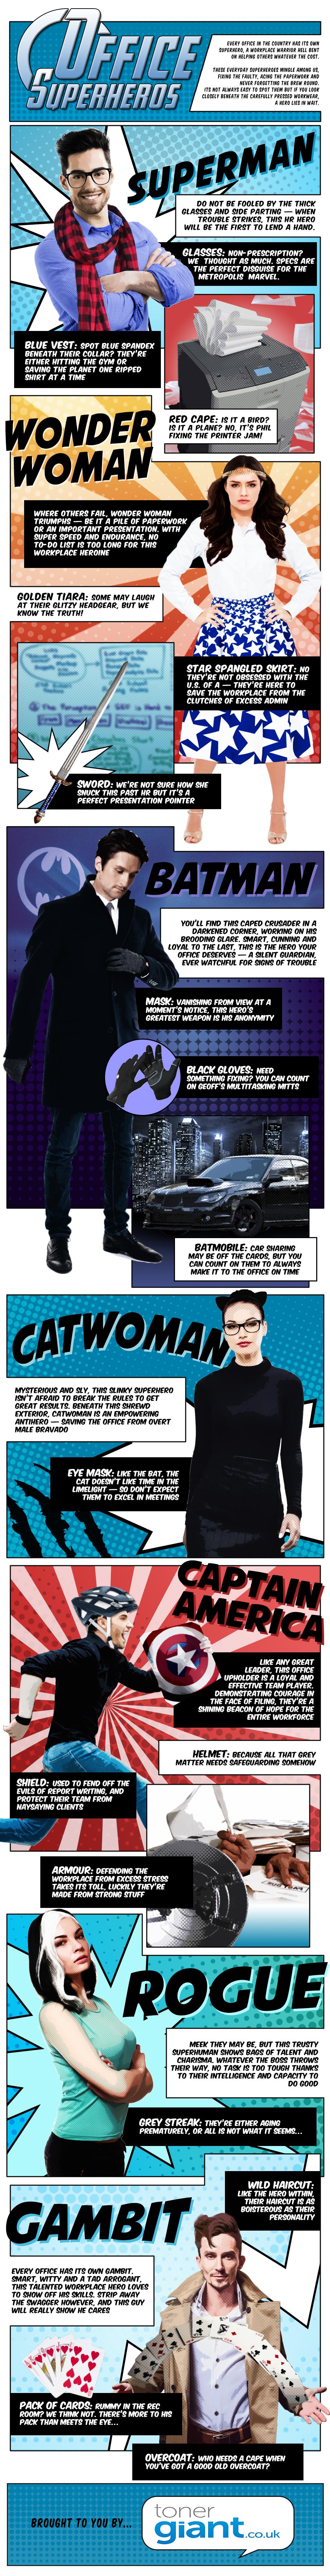 office-superhero-infographic-v3